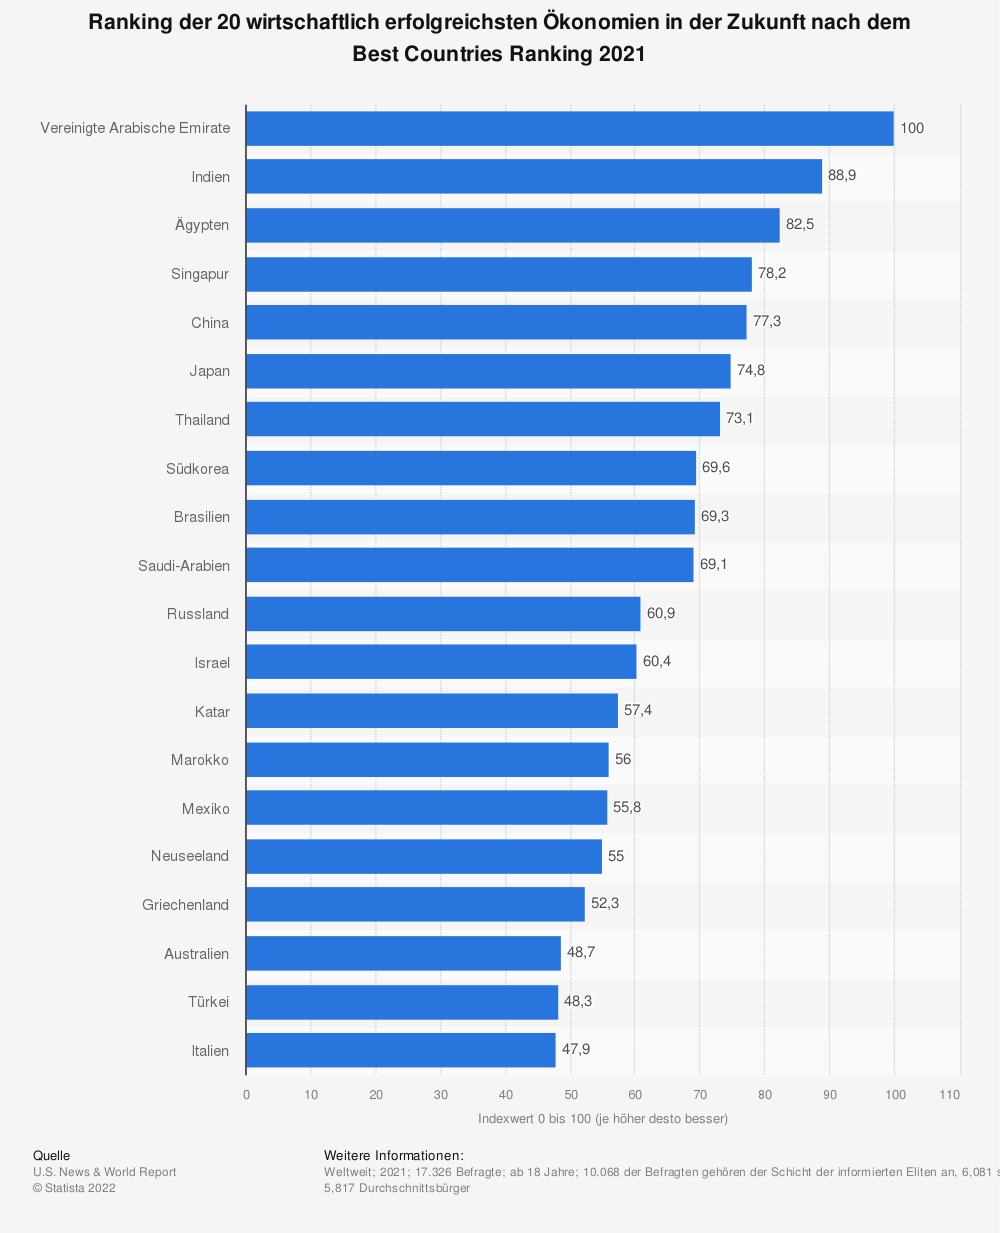 Statistik: Ranking der 20 zukünftig erfolgreichsten Ökonomien nach dem Best Countries Ranking 2020 | Statista